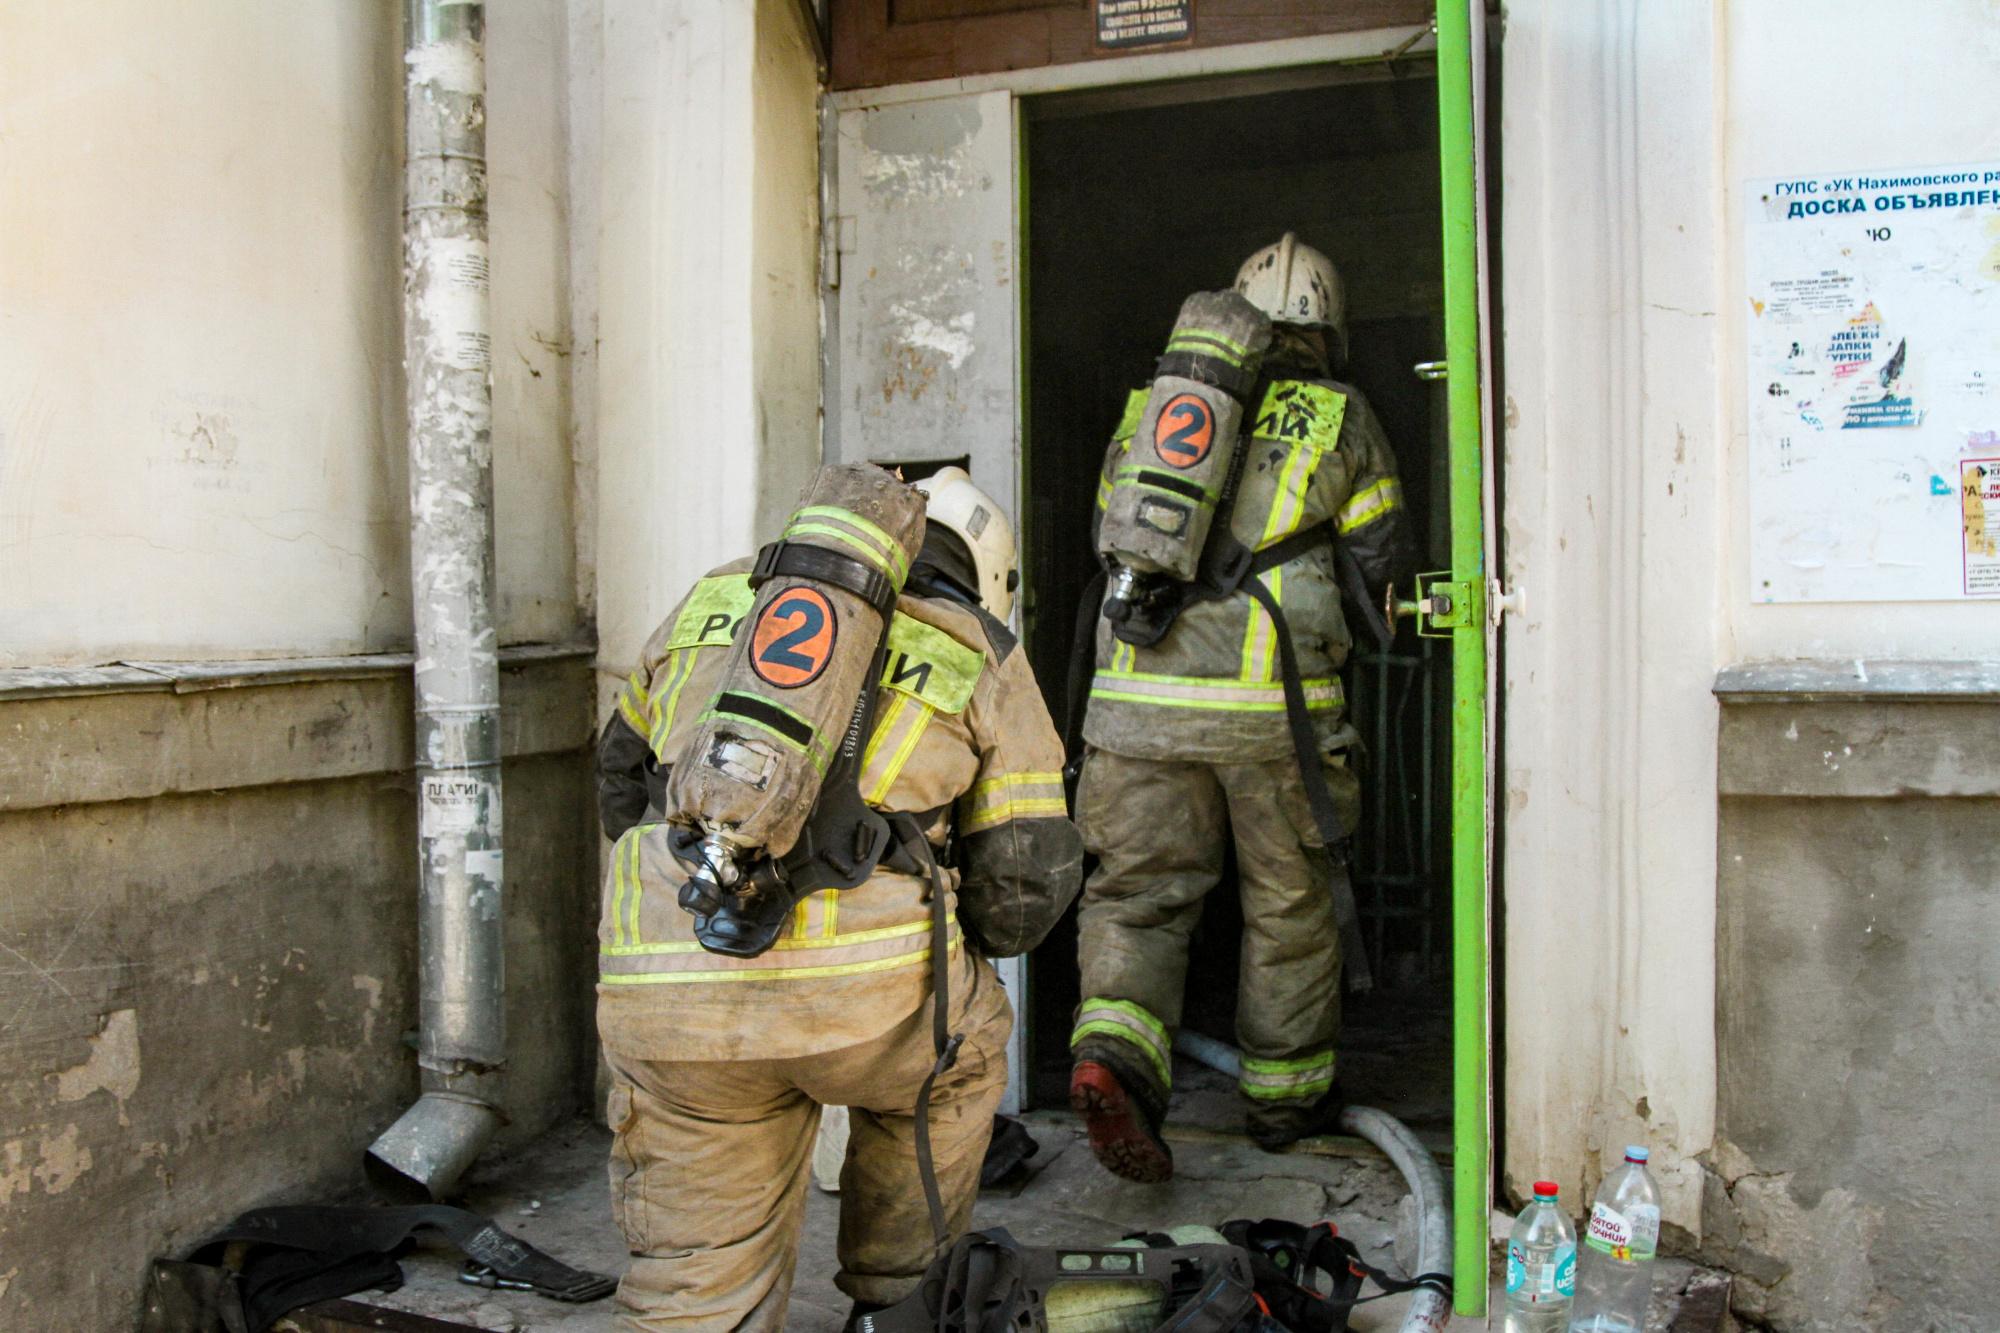 Севастопольские спасатели рассказали, как спасли из горящего дома 8 человек и собаку (фото)